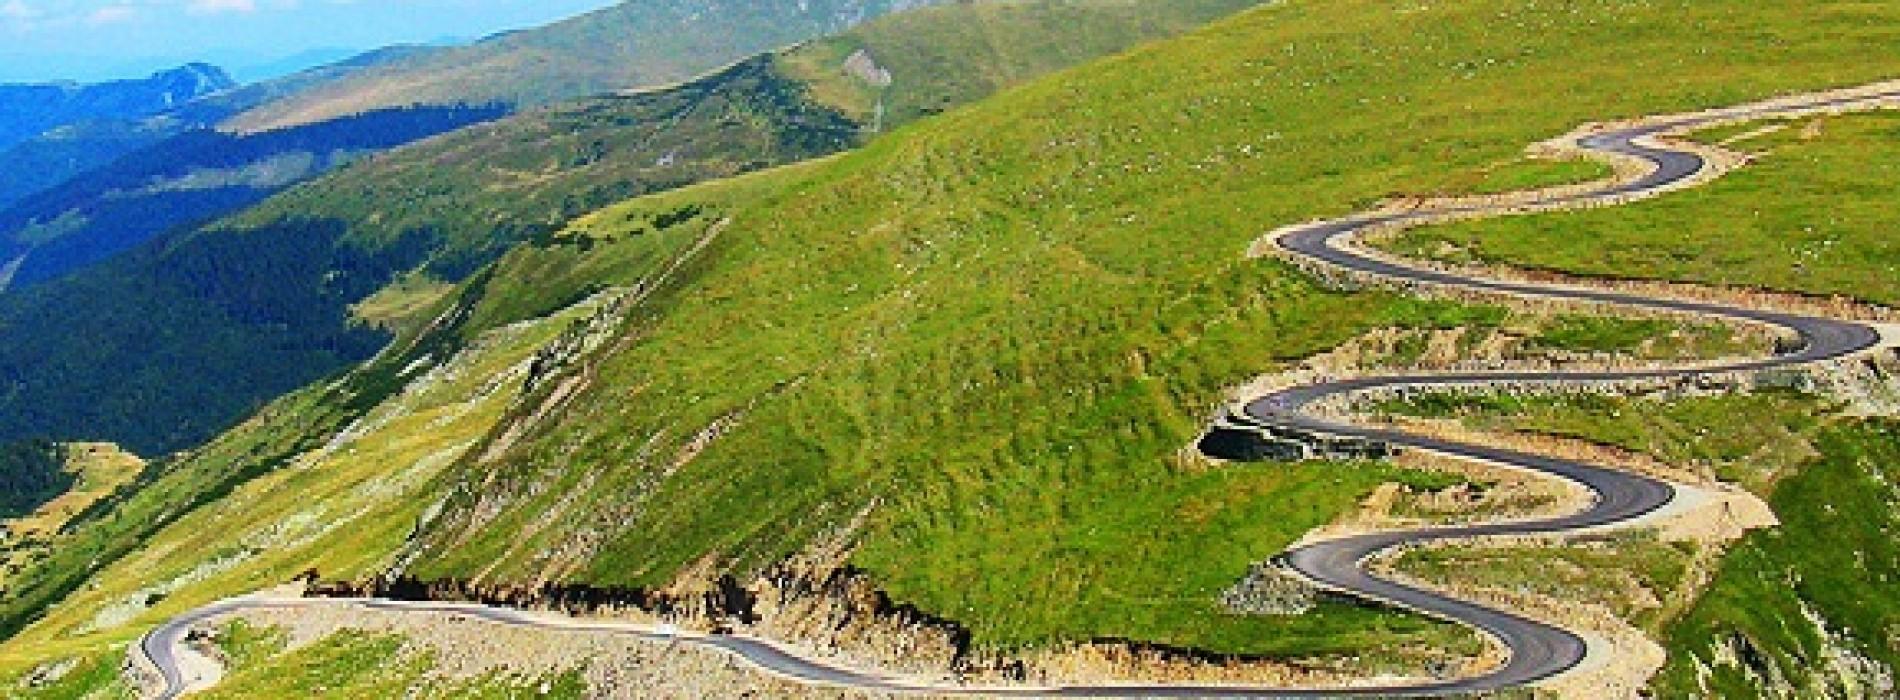 Transalpina, intr-un top international al celor mai frumoase destinatii de iarna